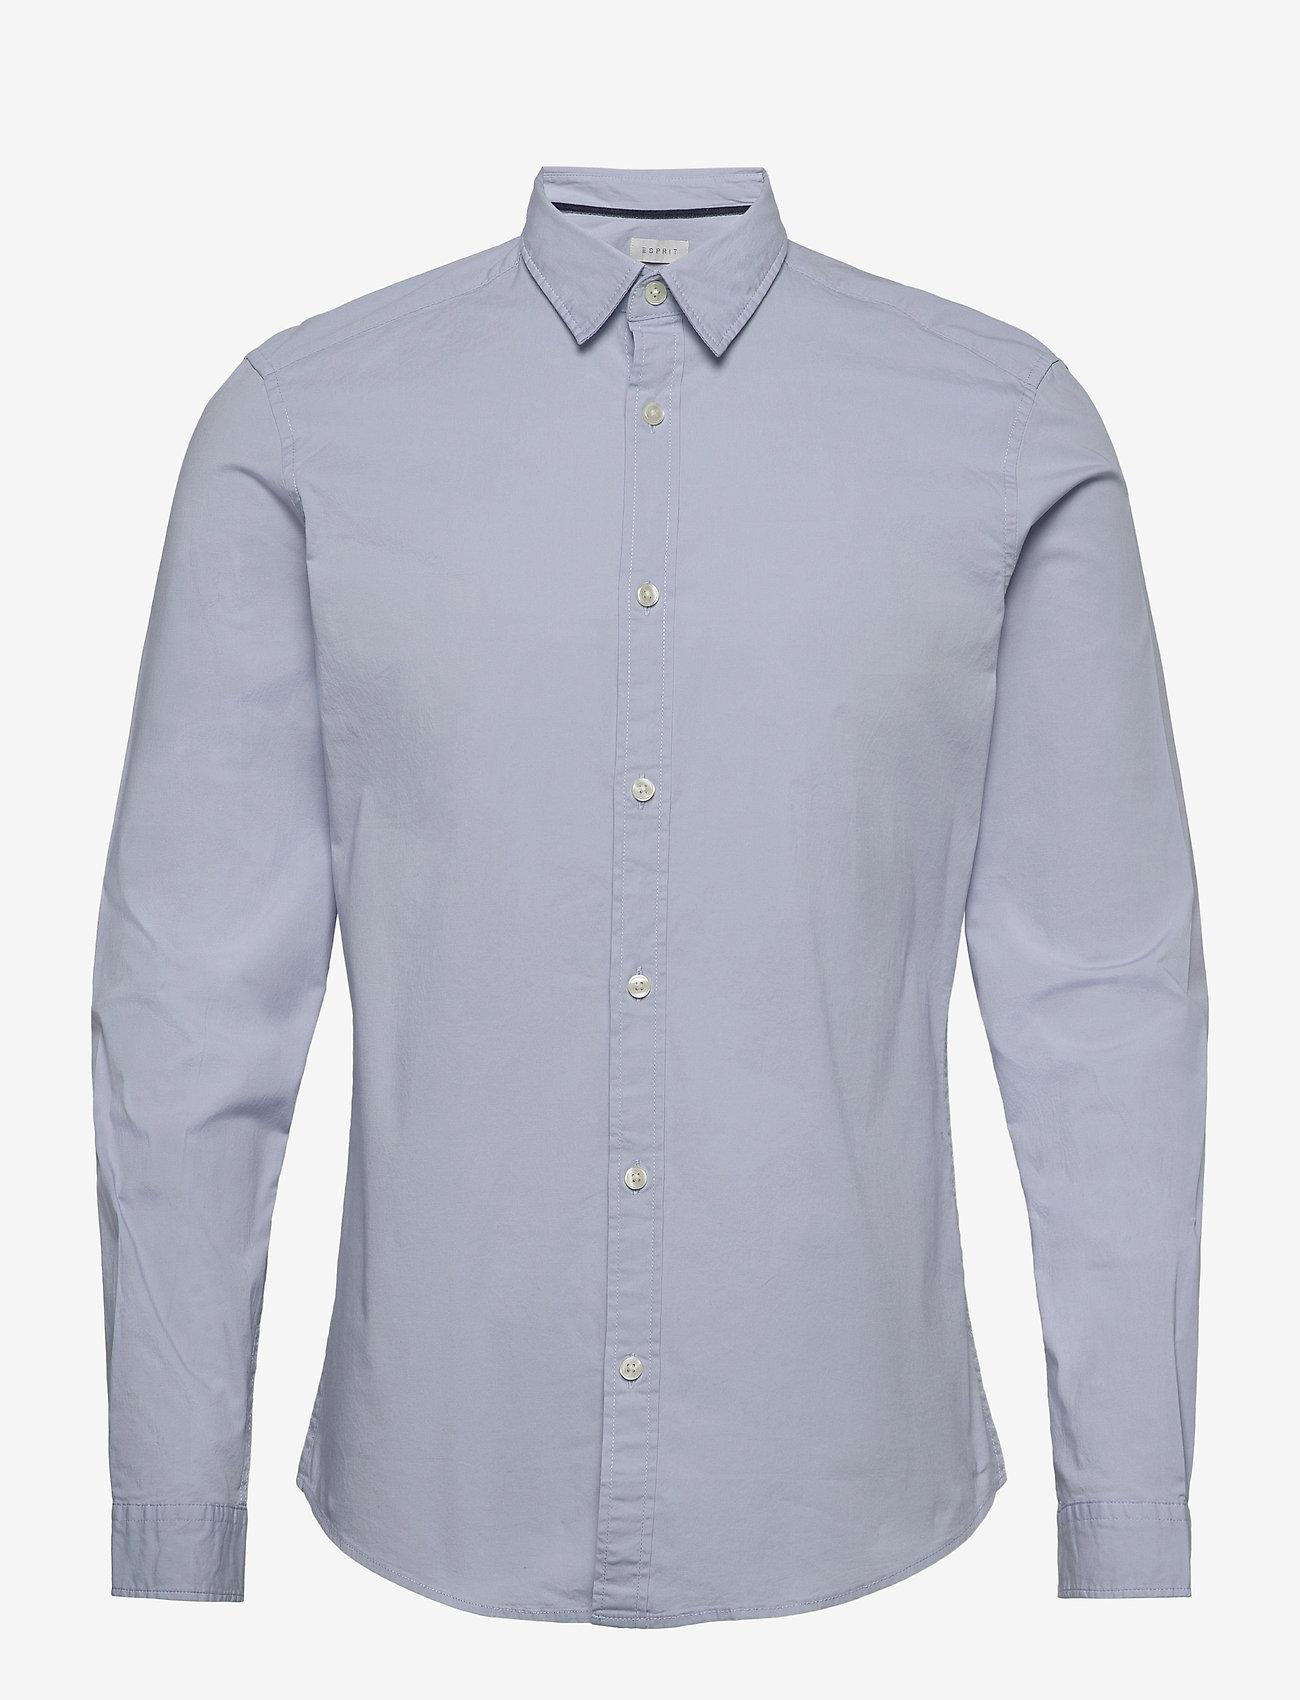 Esprit Casual - Shirts woven - formele overhemden - light blue - 0